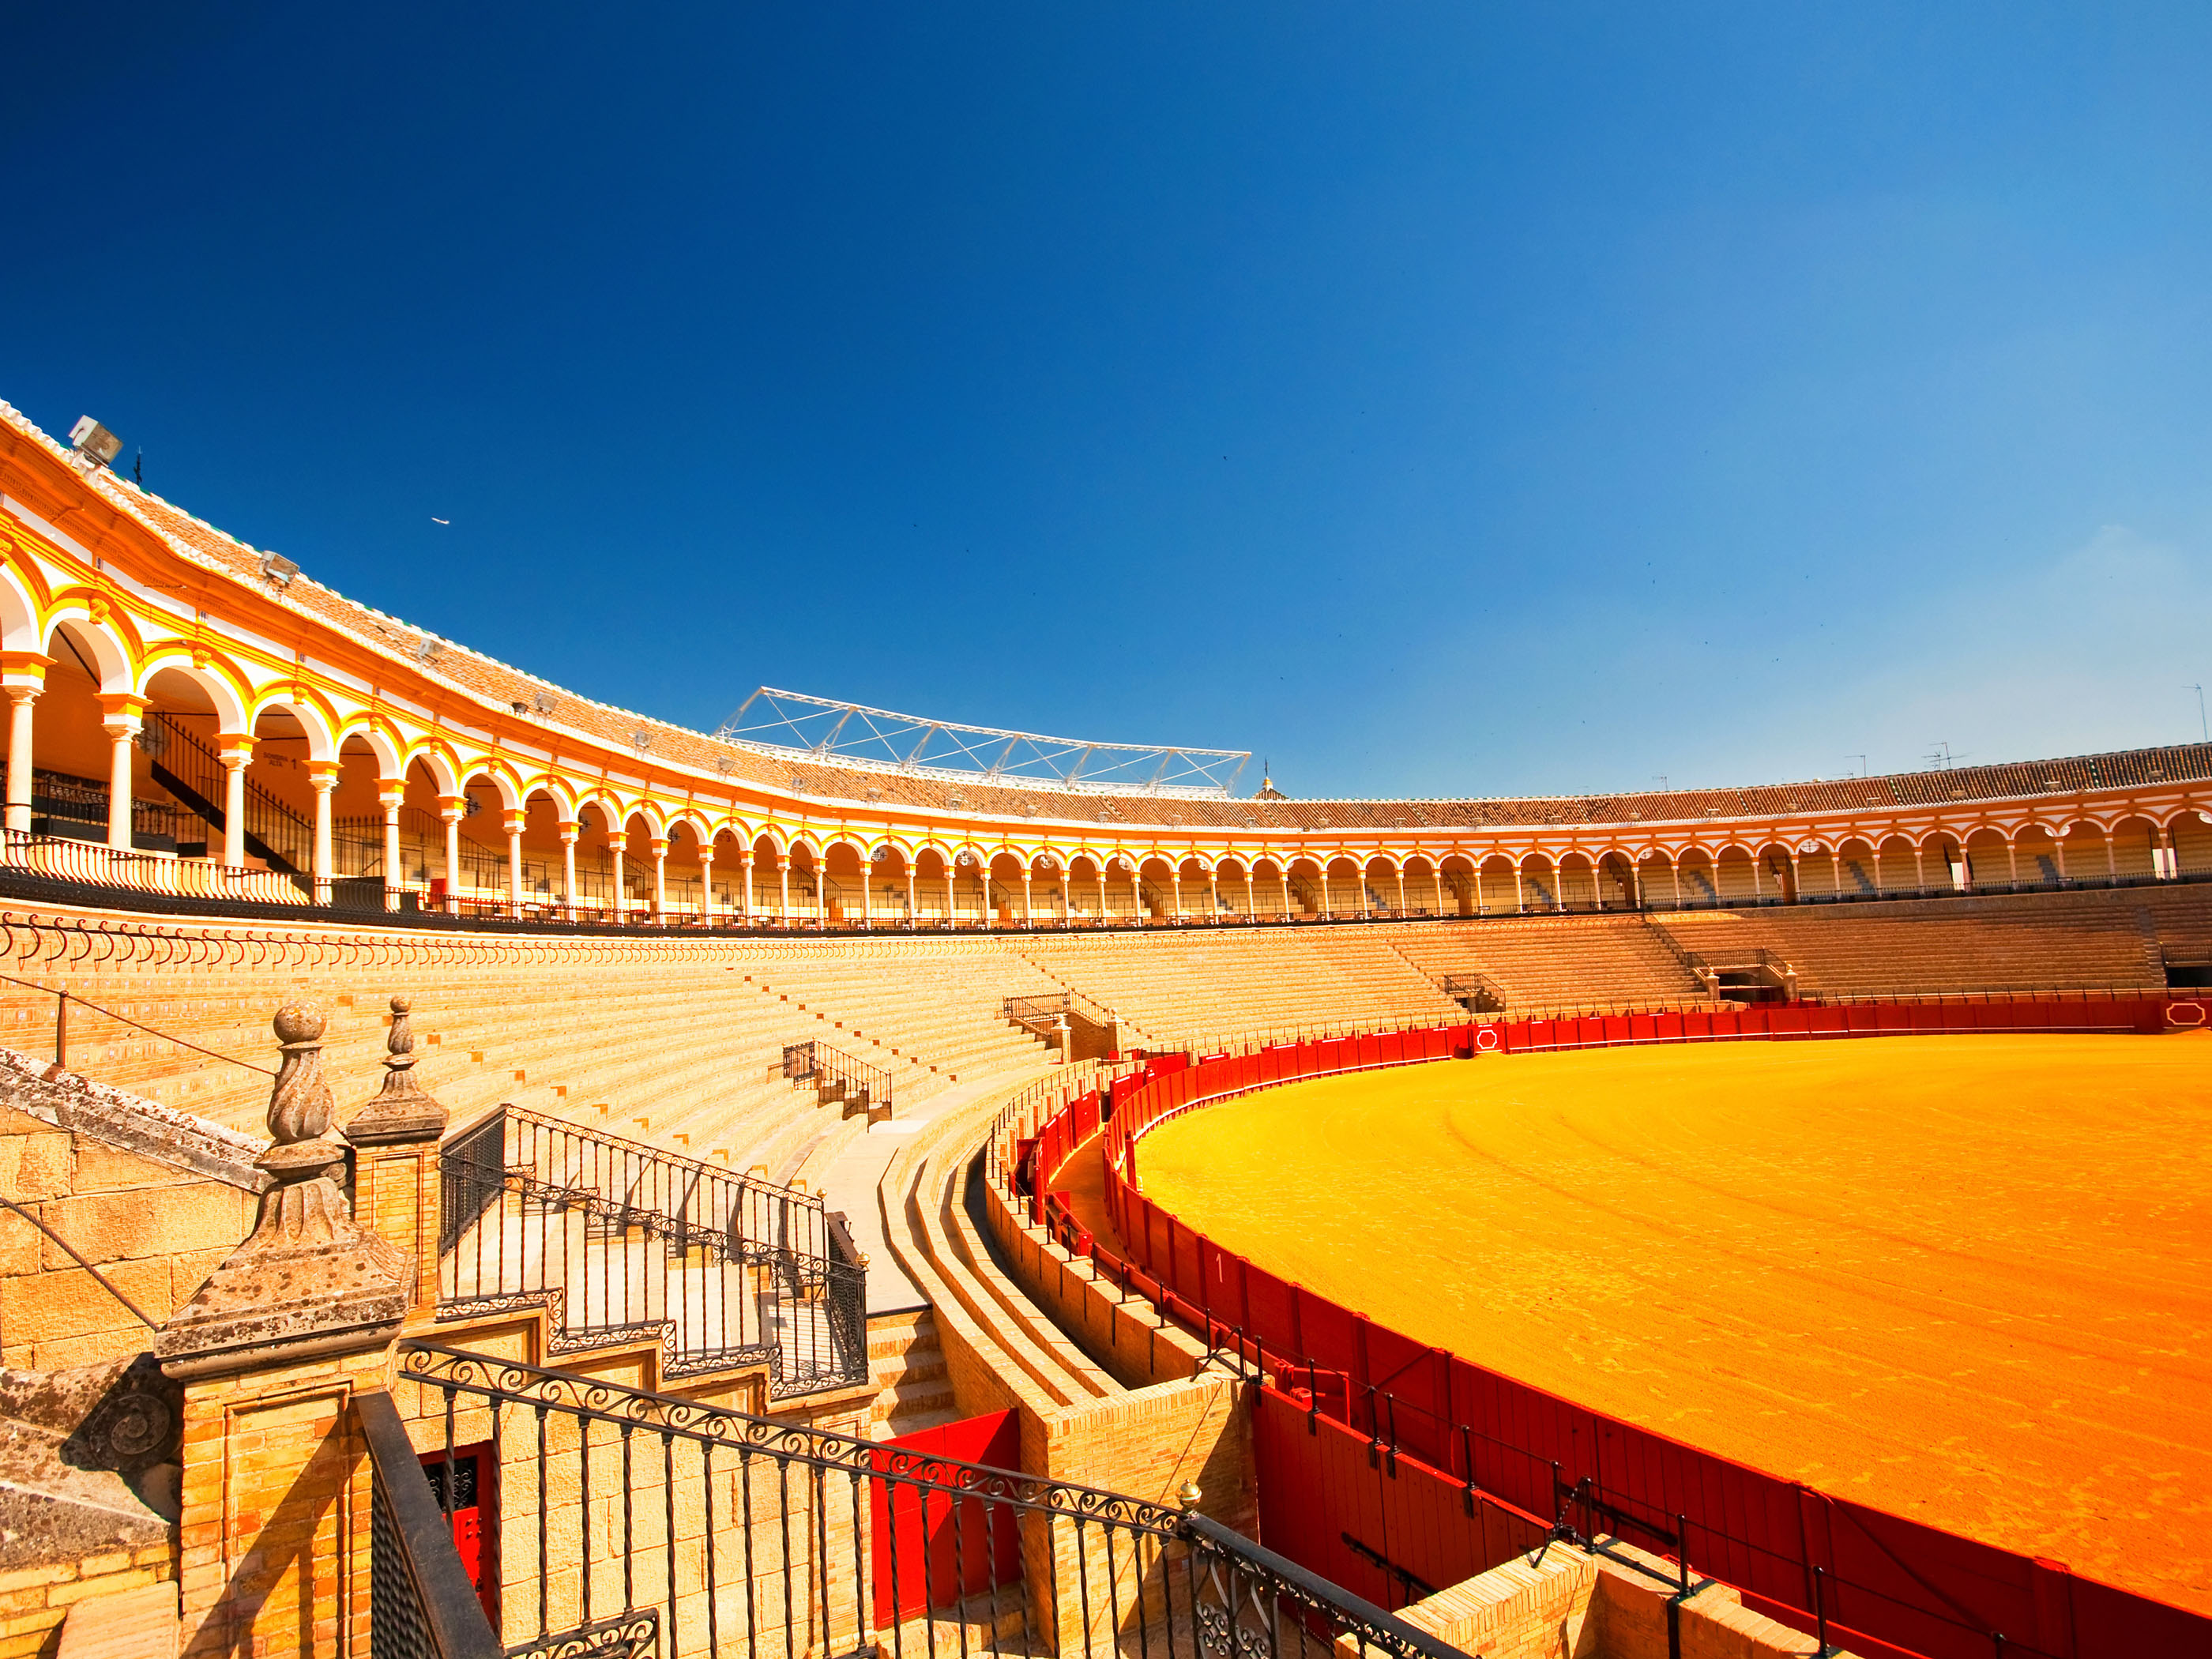 721_1430504368_seville-bull-ar